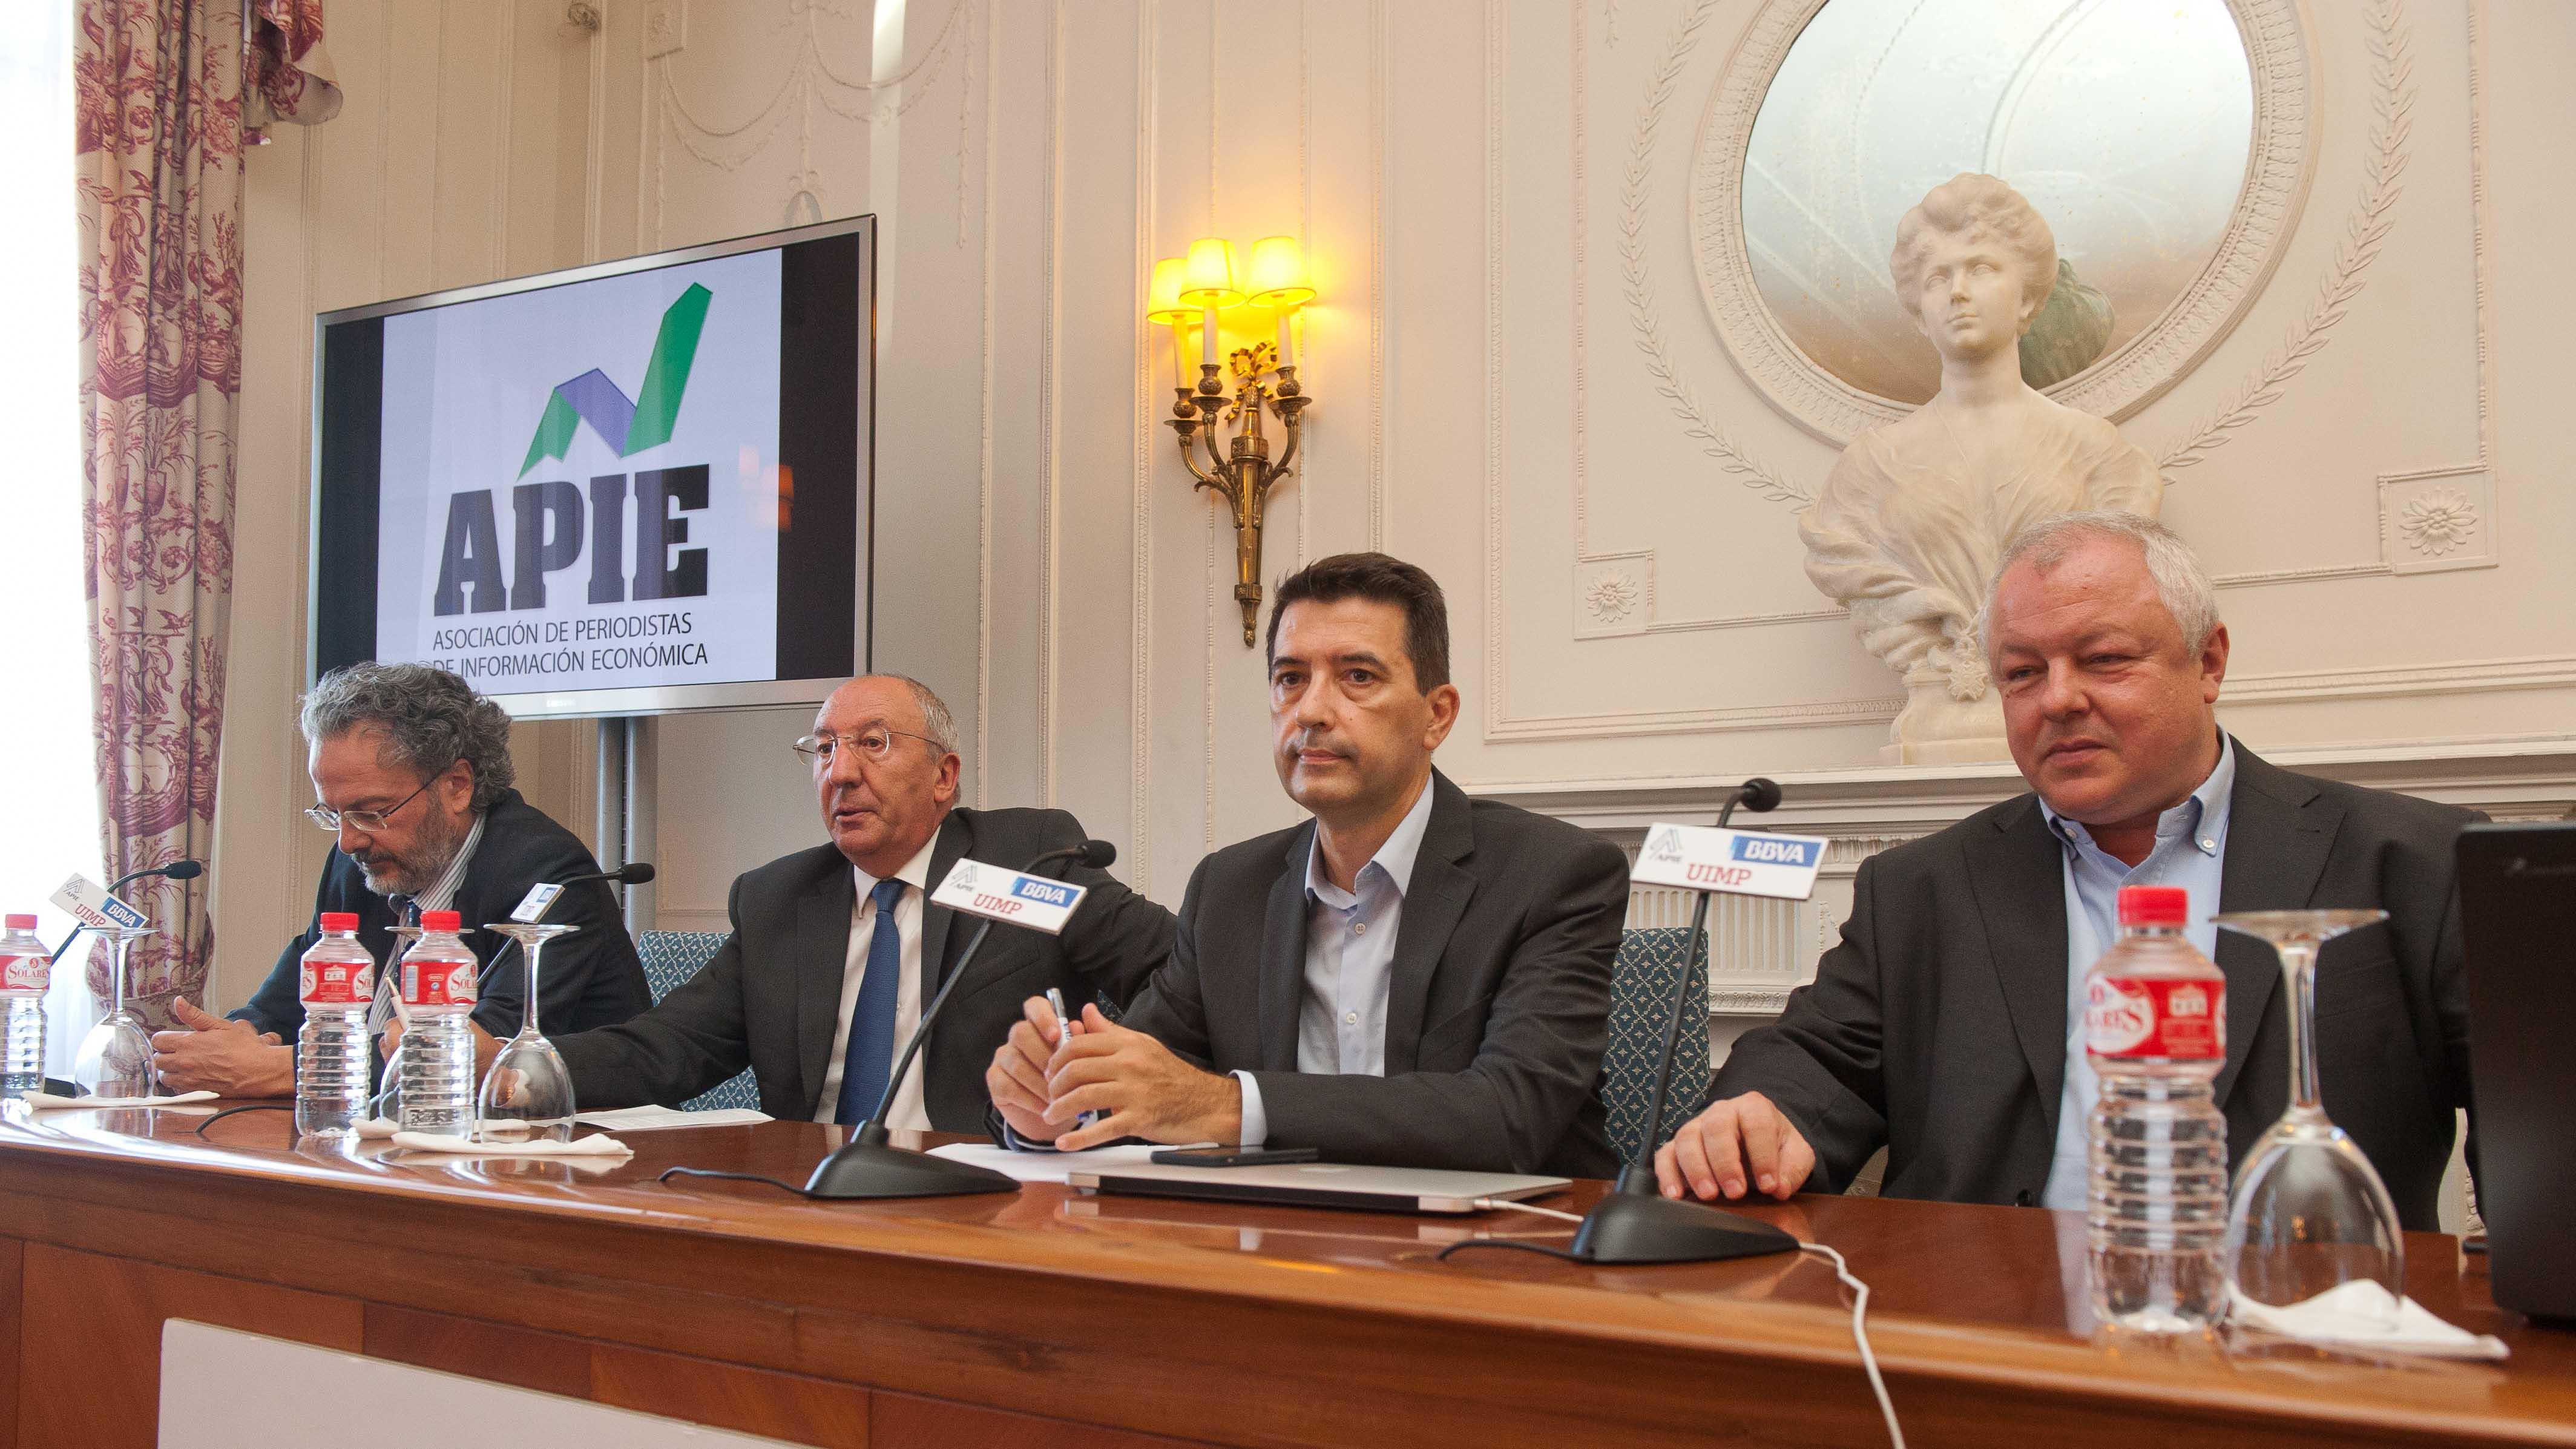 Angel de la Fuente, director de FEDEA, y Rafael Domenech, Economista Jefe de Economías Desarrolladas de BBVA Research, durante su intervención en el Curso de Verano organizado por la APIE en la UIMP.